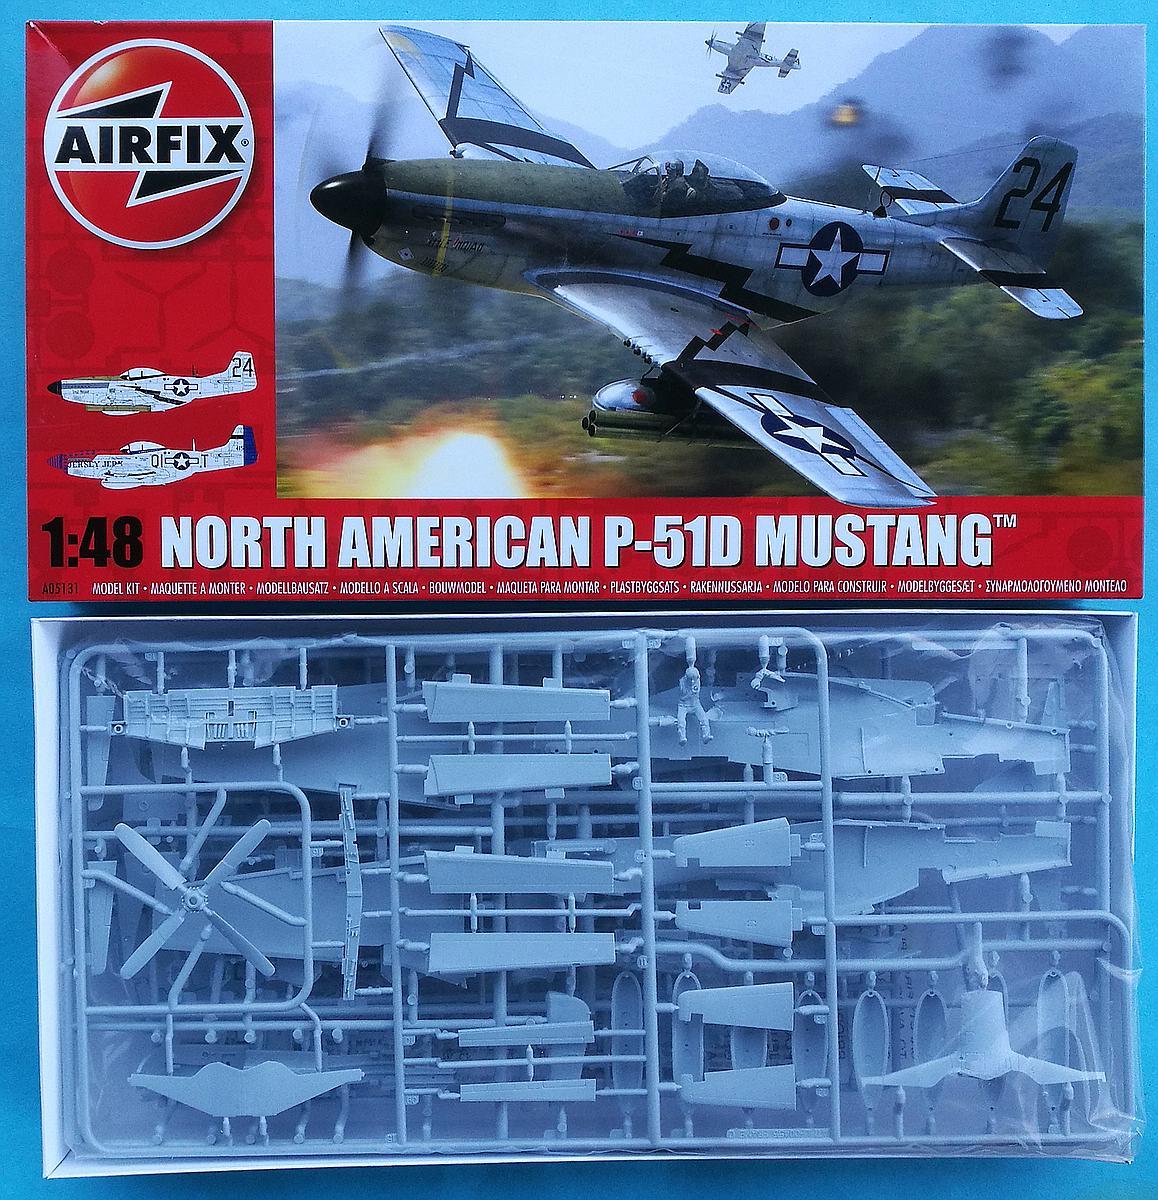 Airfix-A05131-P-51D-Mustang-1zu48-13 P-51D Mustang in 1:48 von Airfix A05131